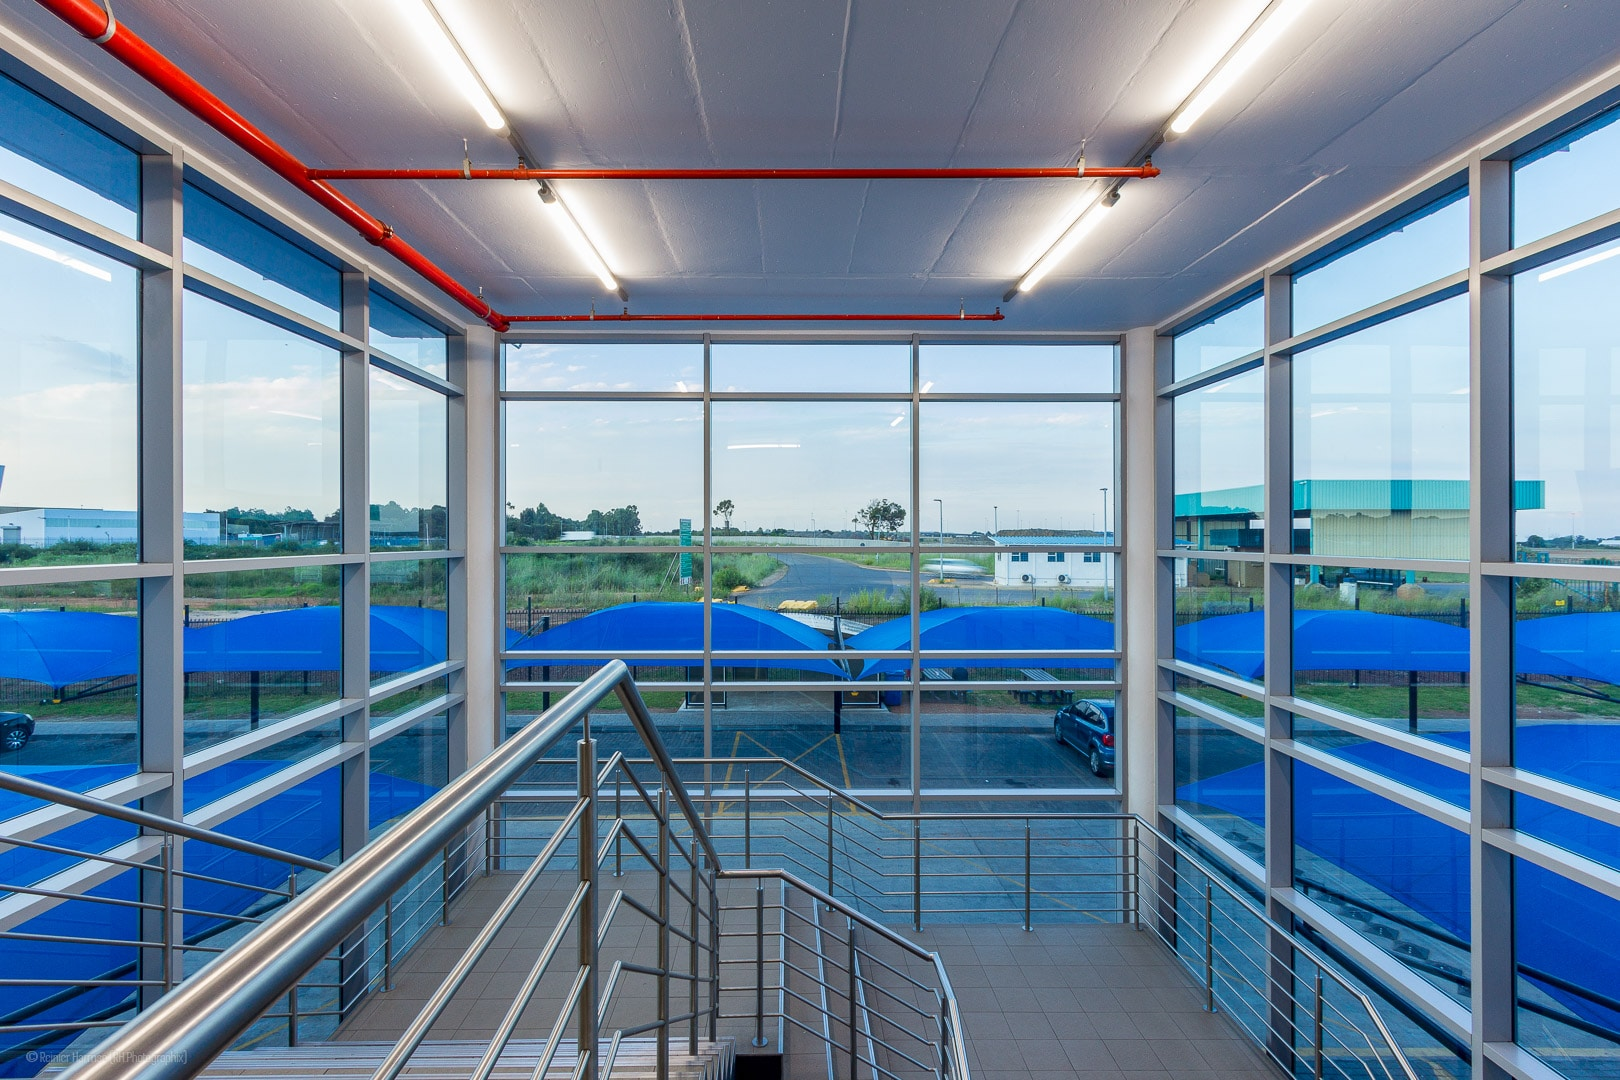 RHPX_Portfolio_Airport In2Food Interior-15